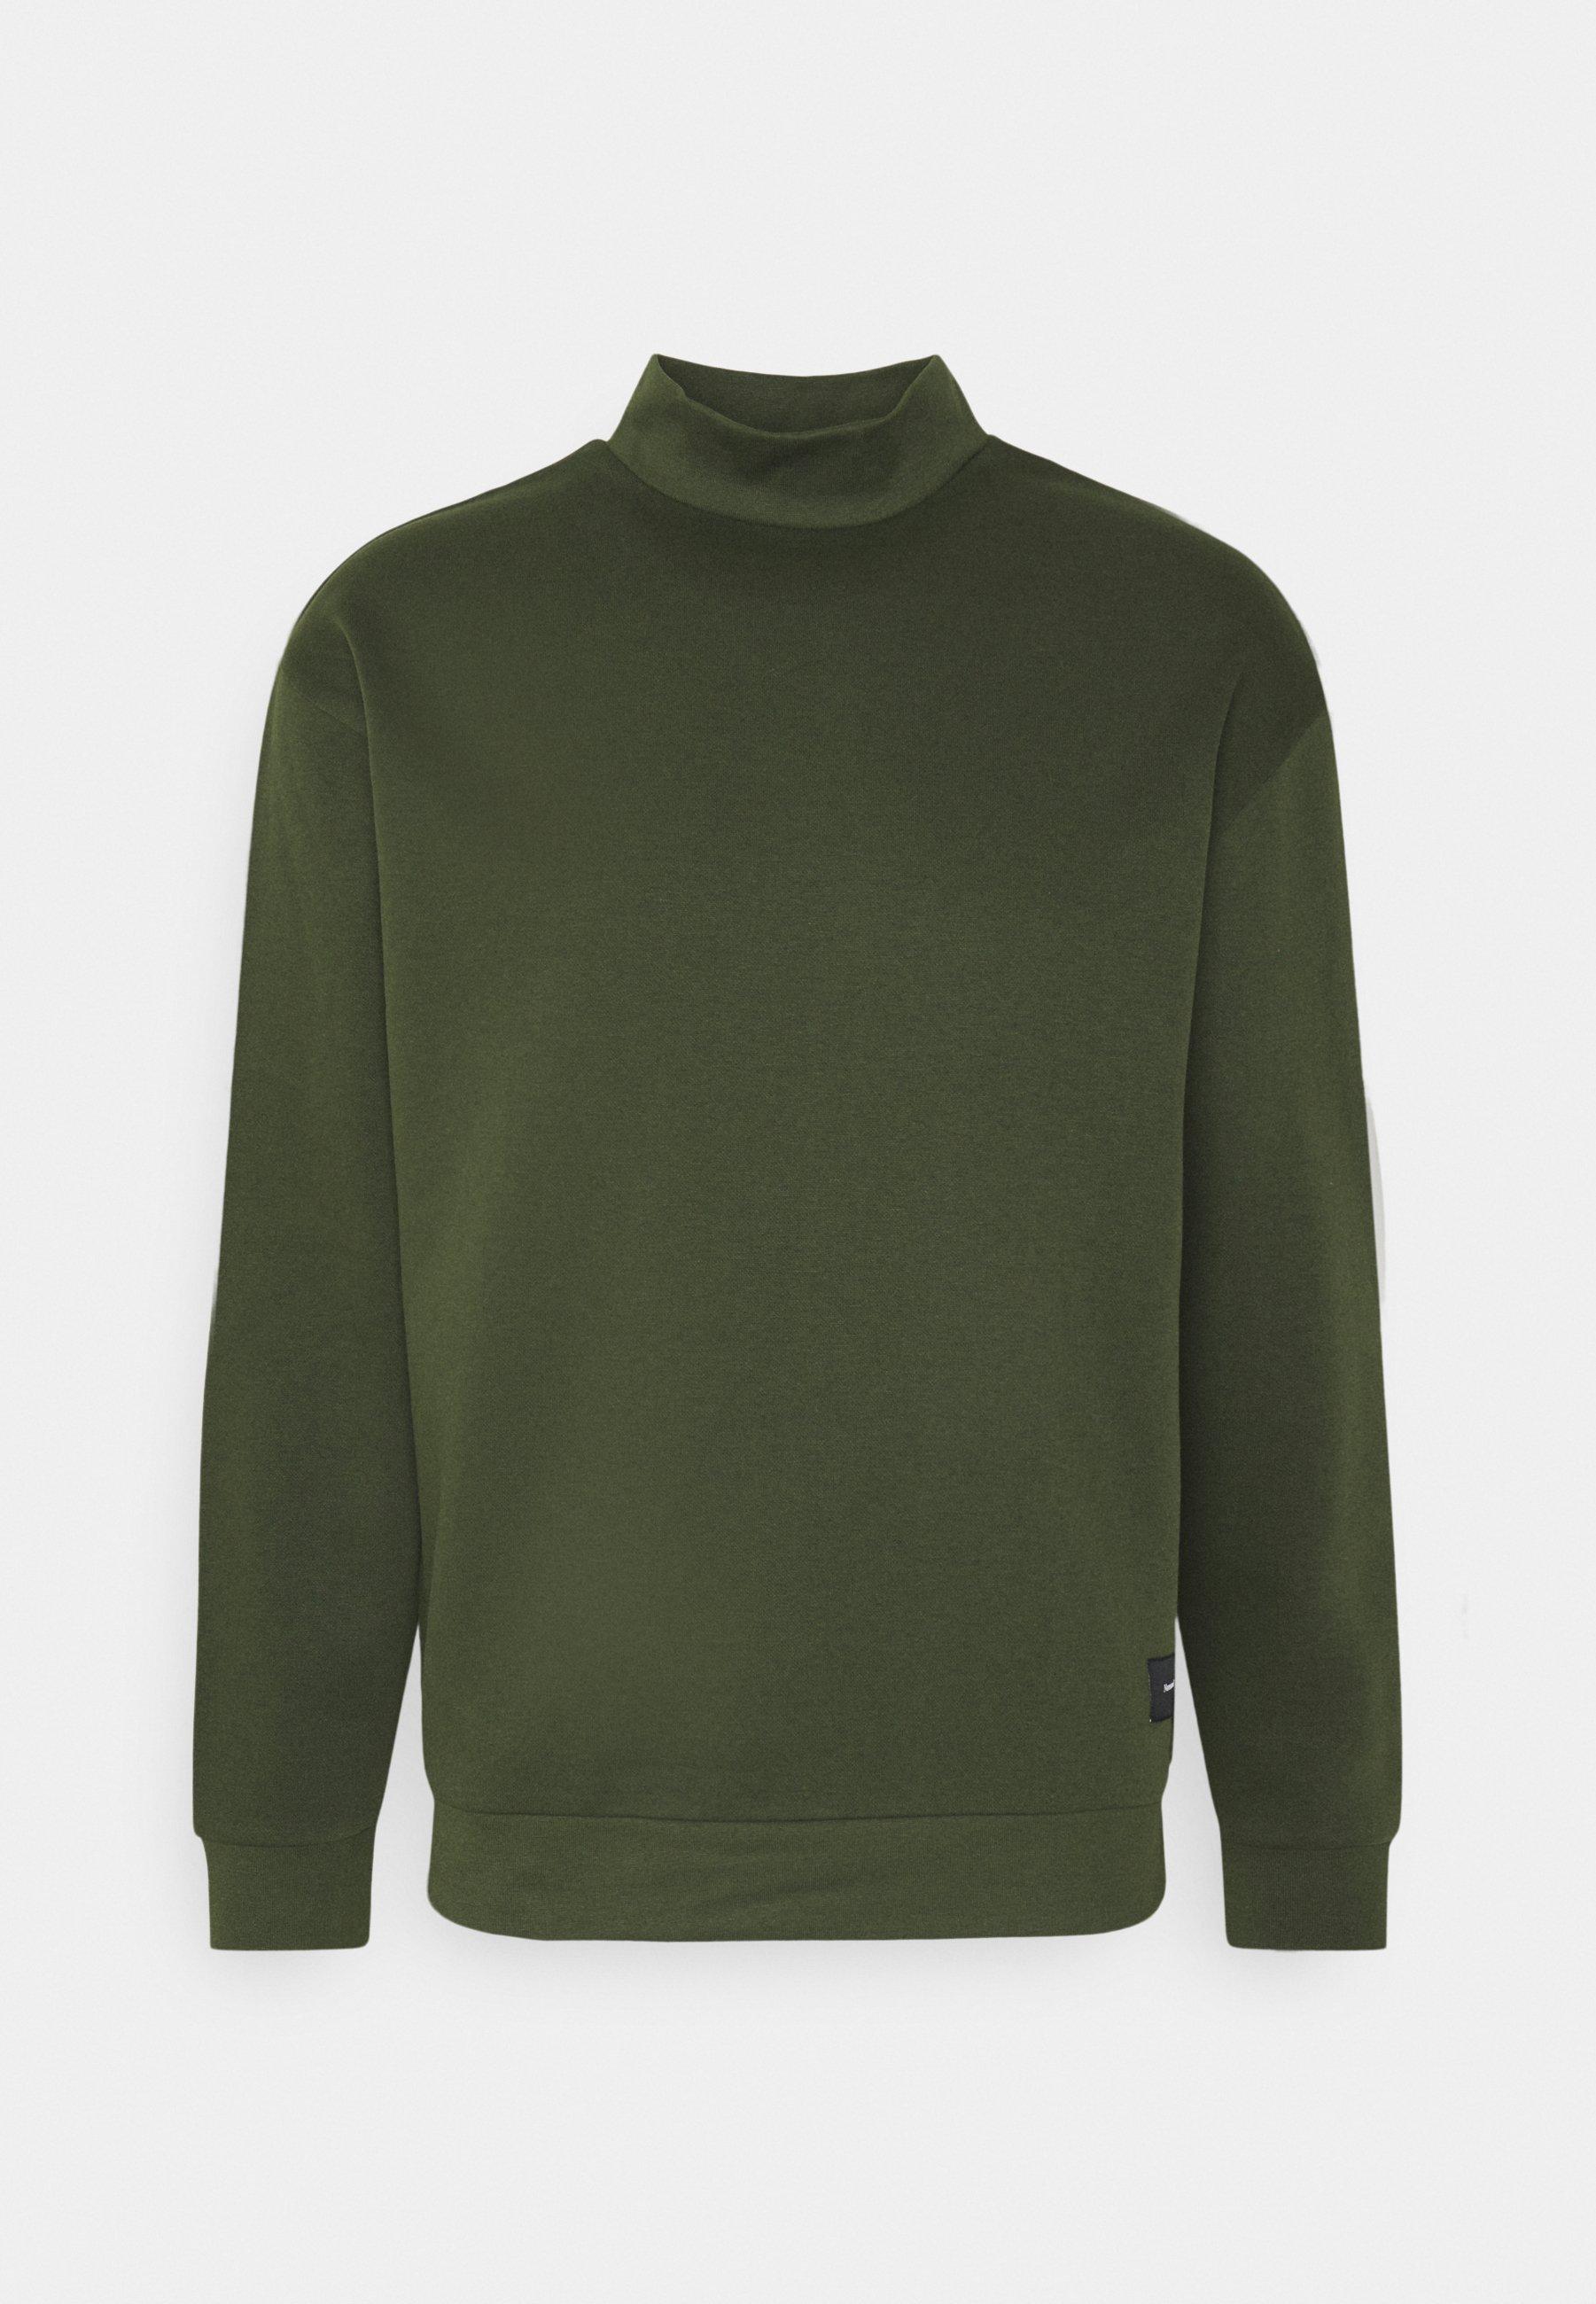 Nominal Funnel Neck Crew - Sweatshirt Tan